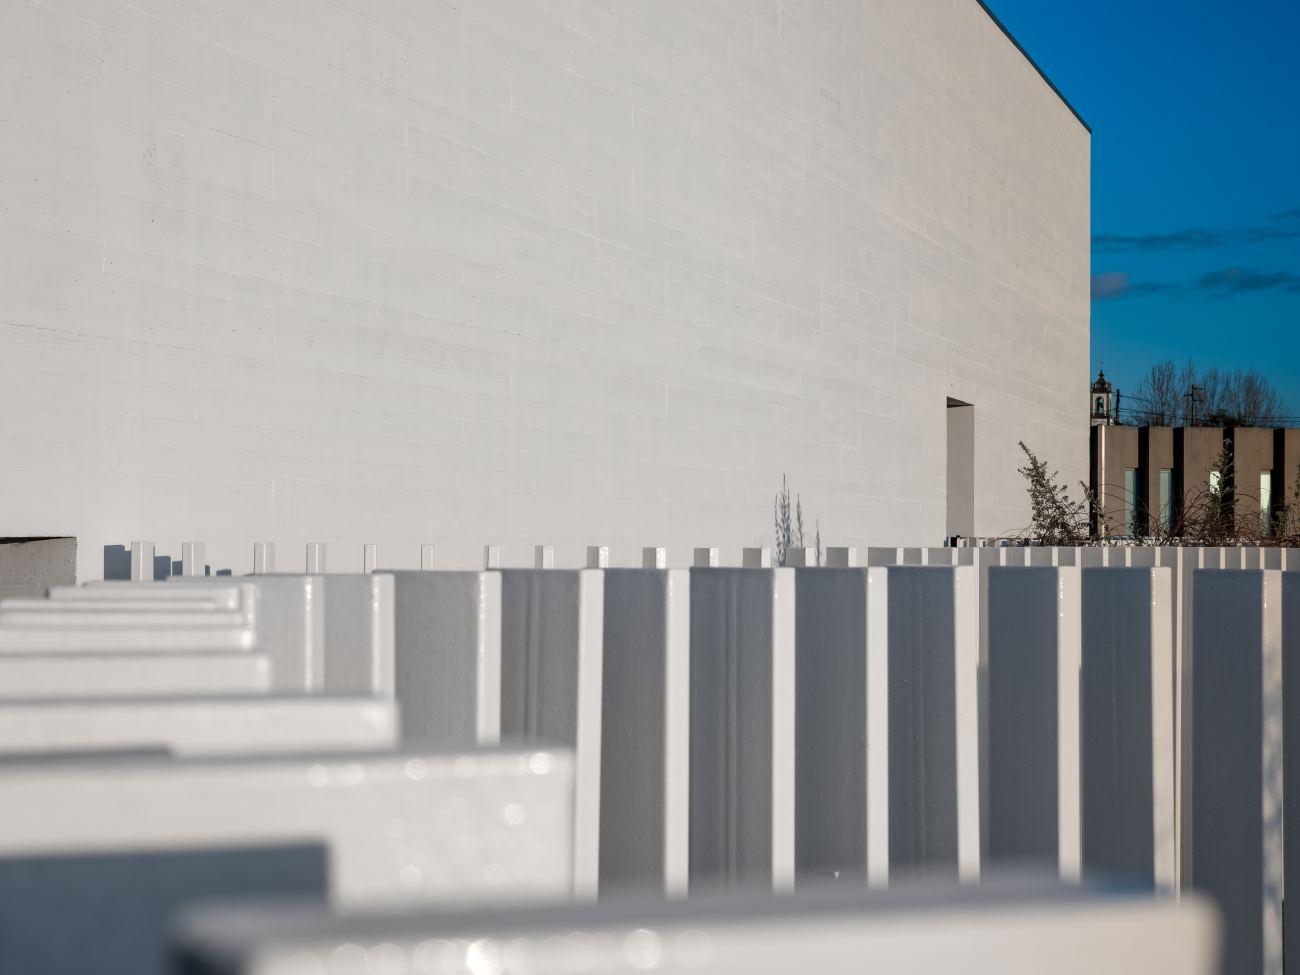 construcao-da-creche-casa-de-magalhaes-acabamentos-interiores-e-arranjos-exteriores-10